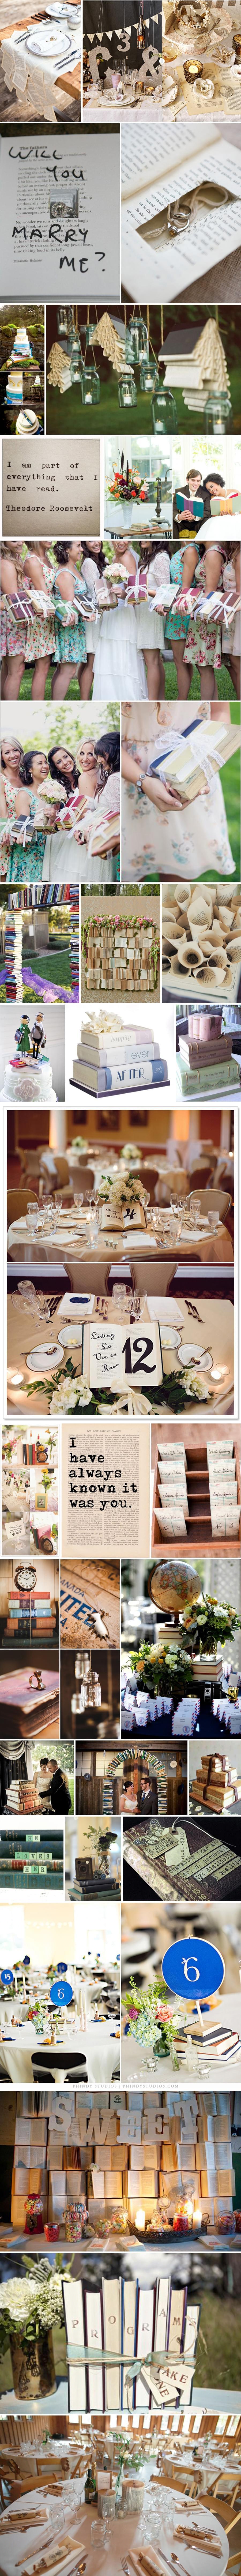 2 dekoracje wesele ślub nietypowe oryginalne książki